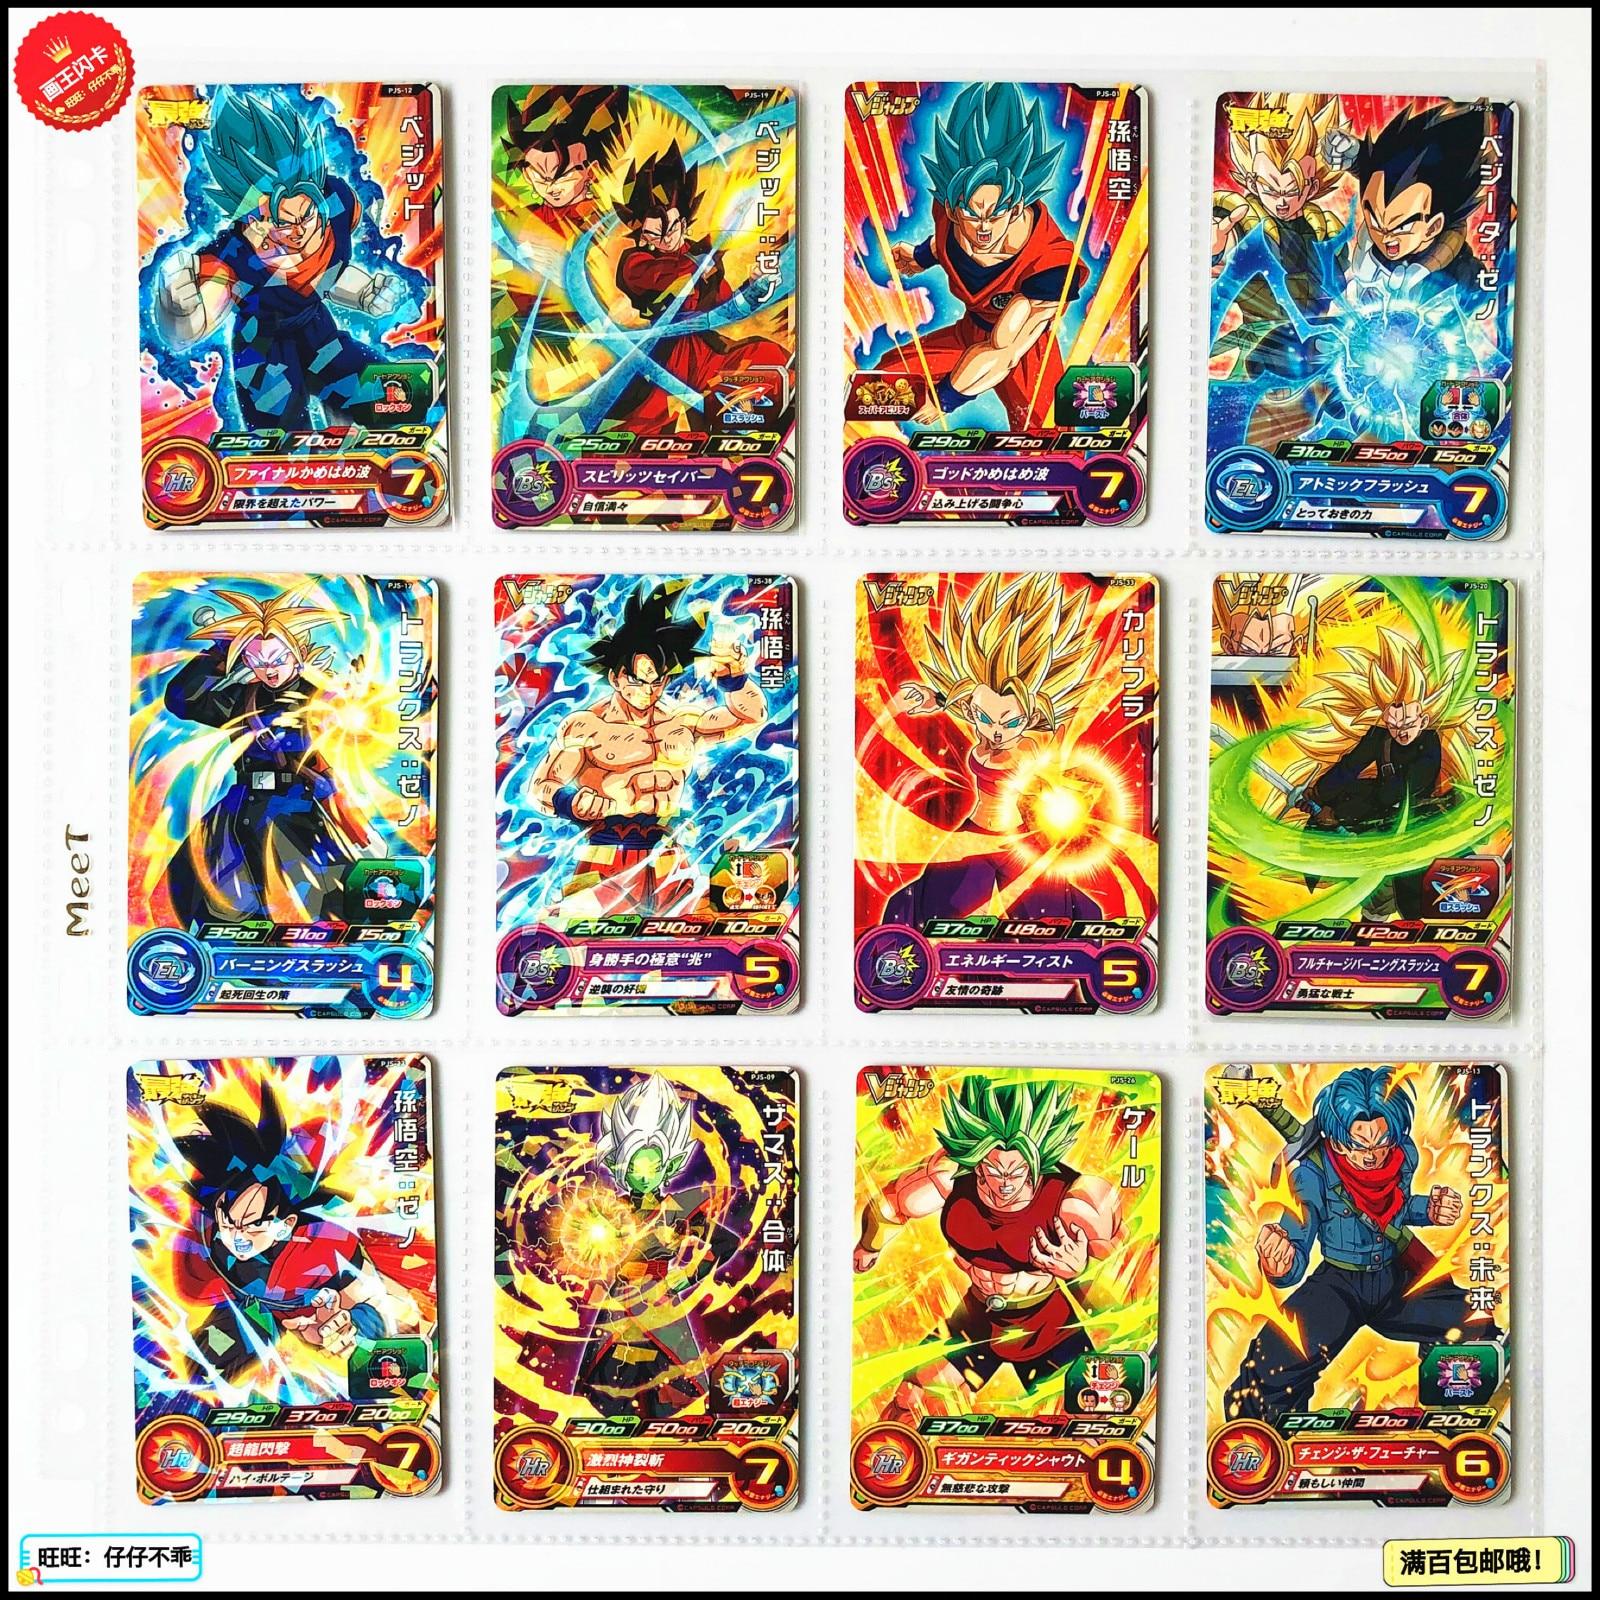 Japan Original Dragon Ball Hero PJS Caulifla God Super Saiyan Goku Kale Toys Hobbies Collectibles Game Collection Anime Cards